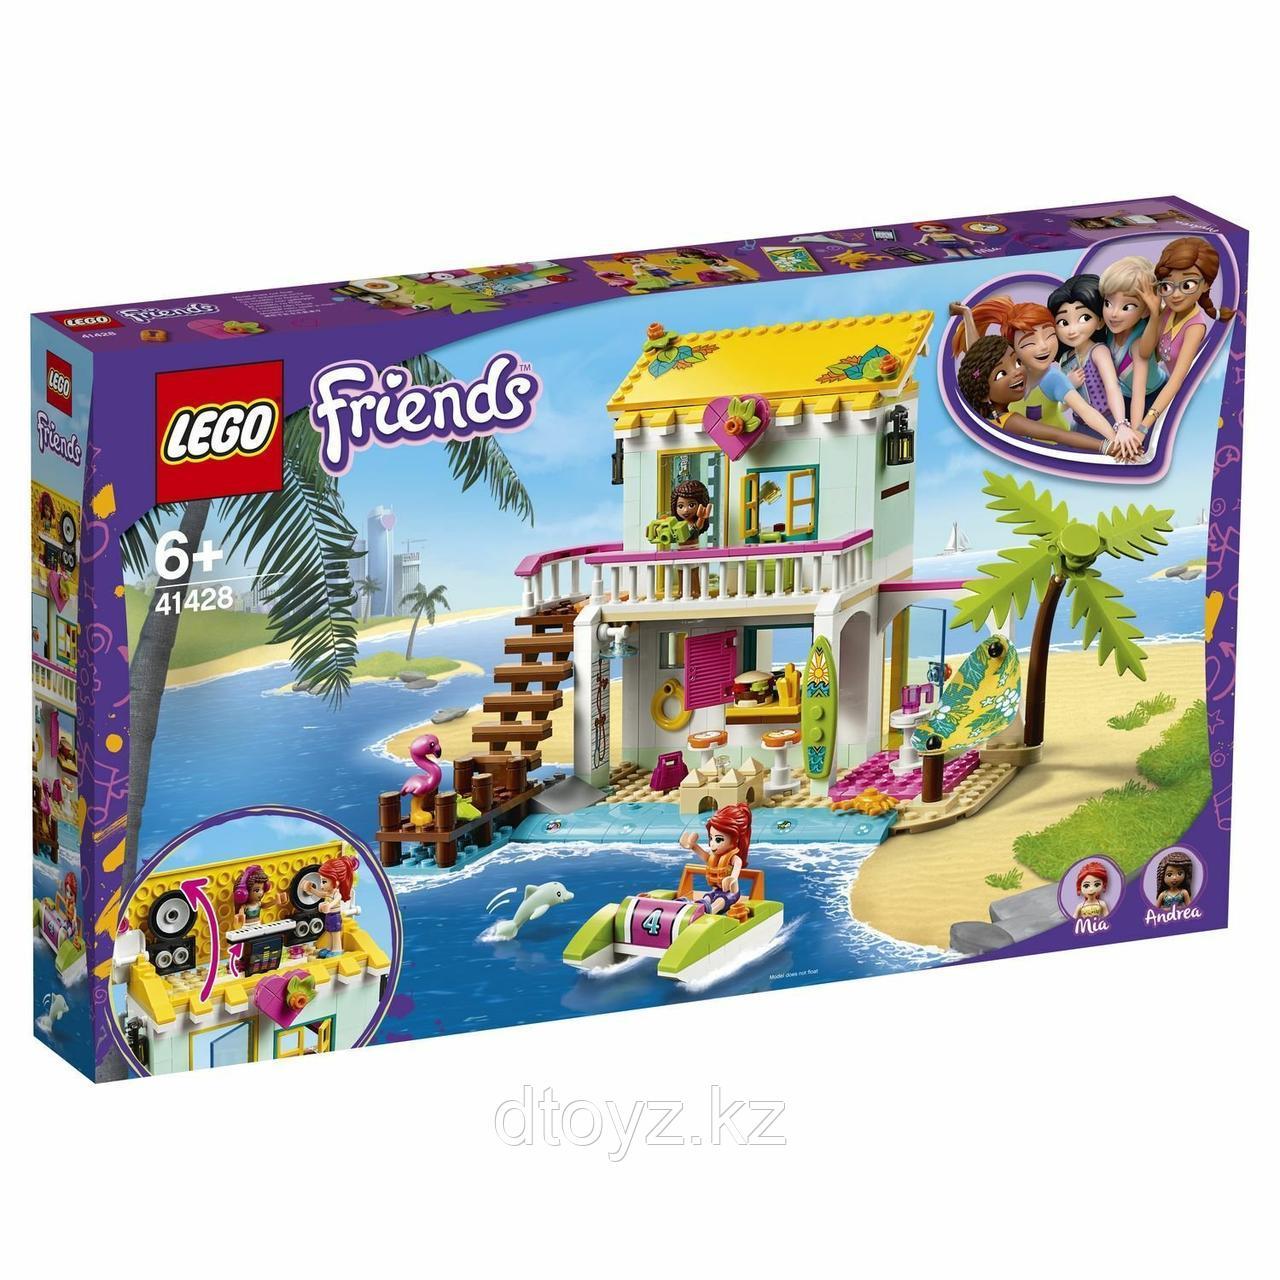 Lego Friends 41428 Пляжный домик